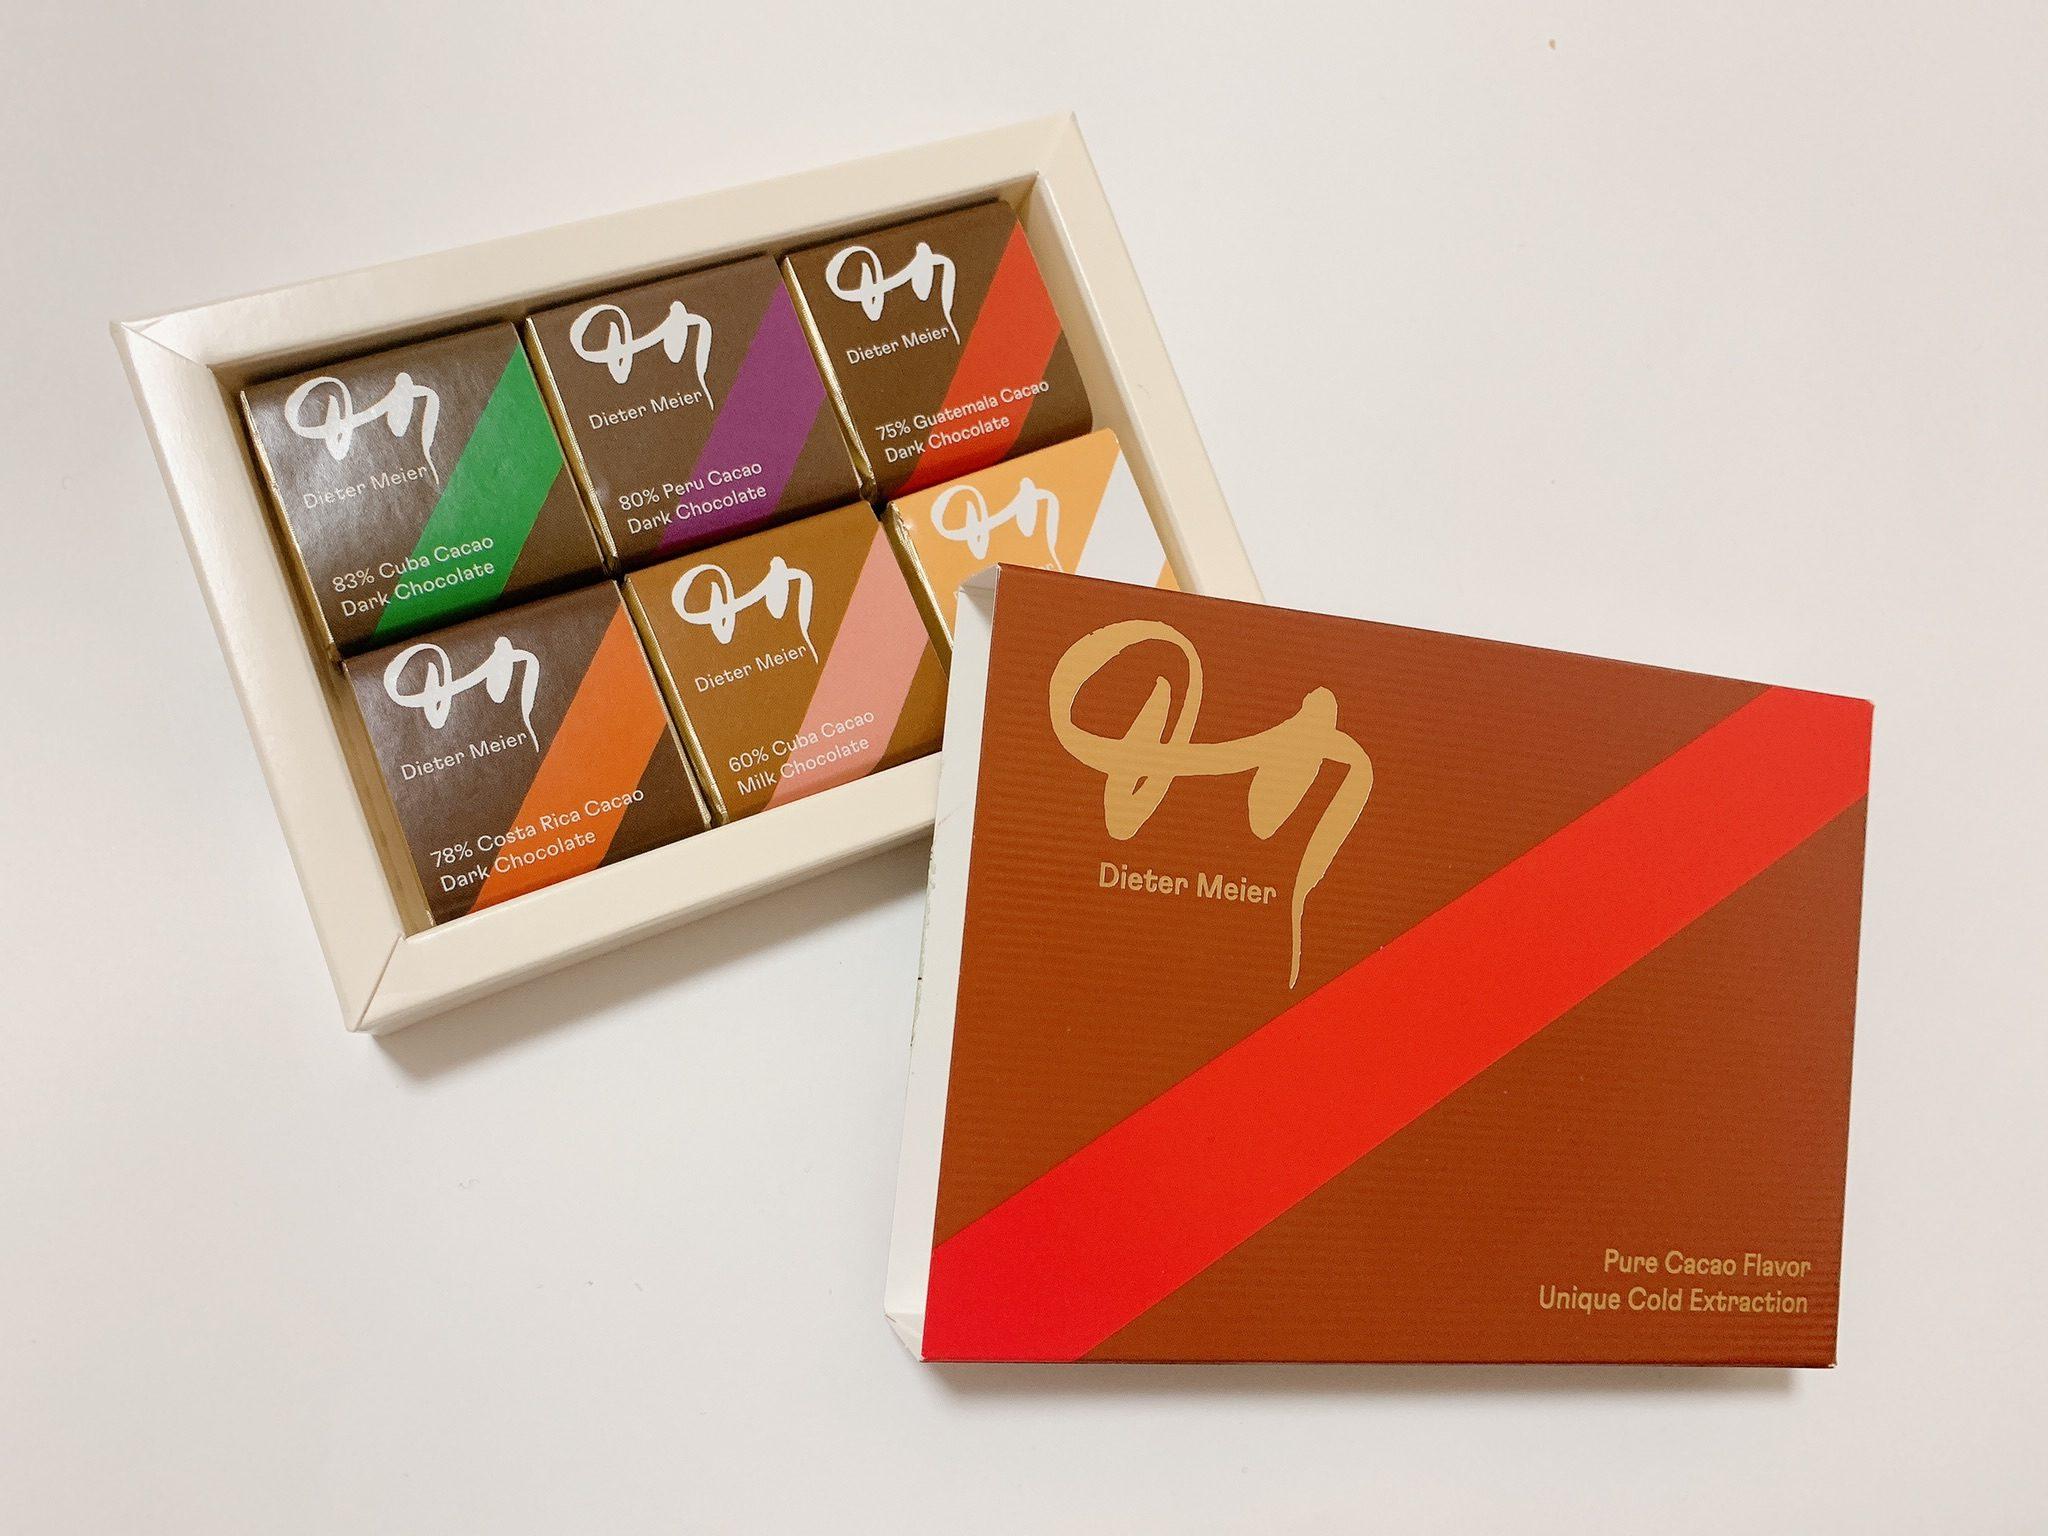 バレンタイン特集!日本初上陸のスイス発のチョコレートとは?